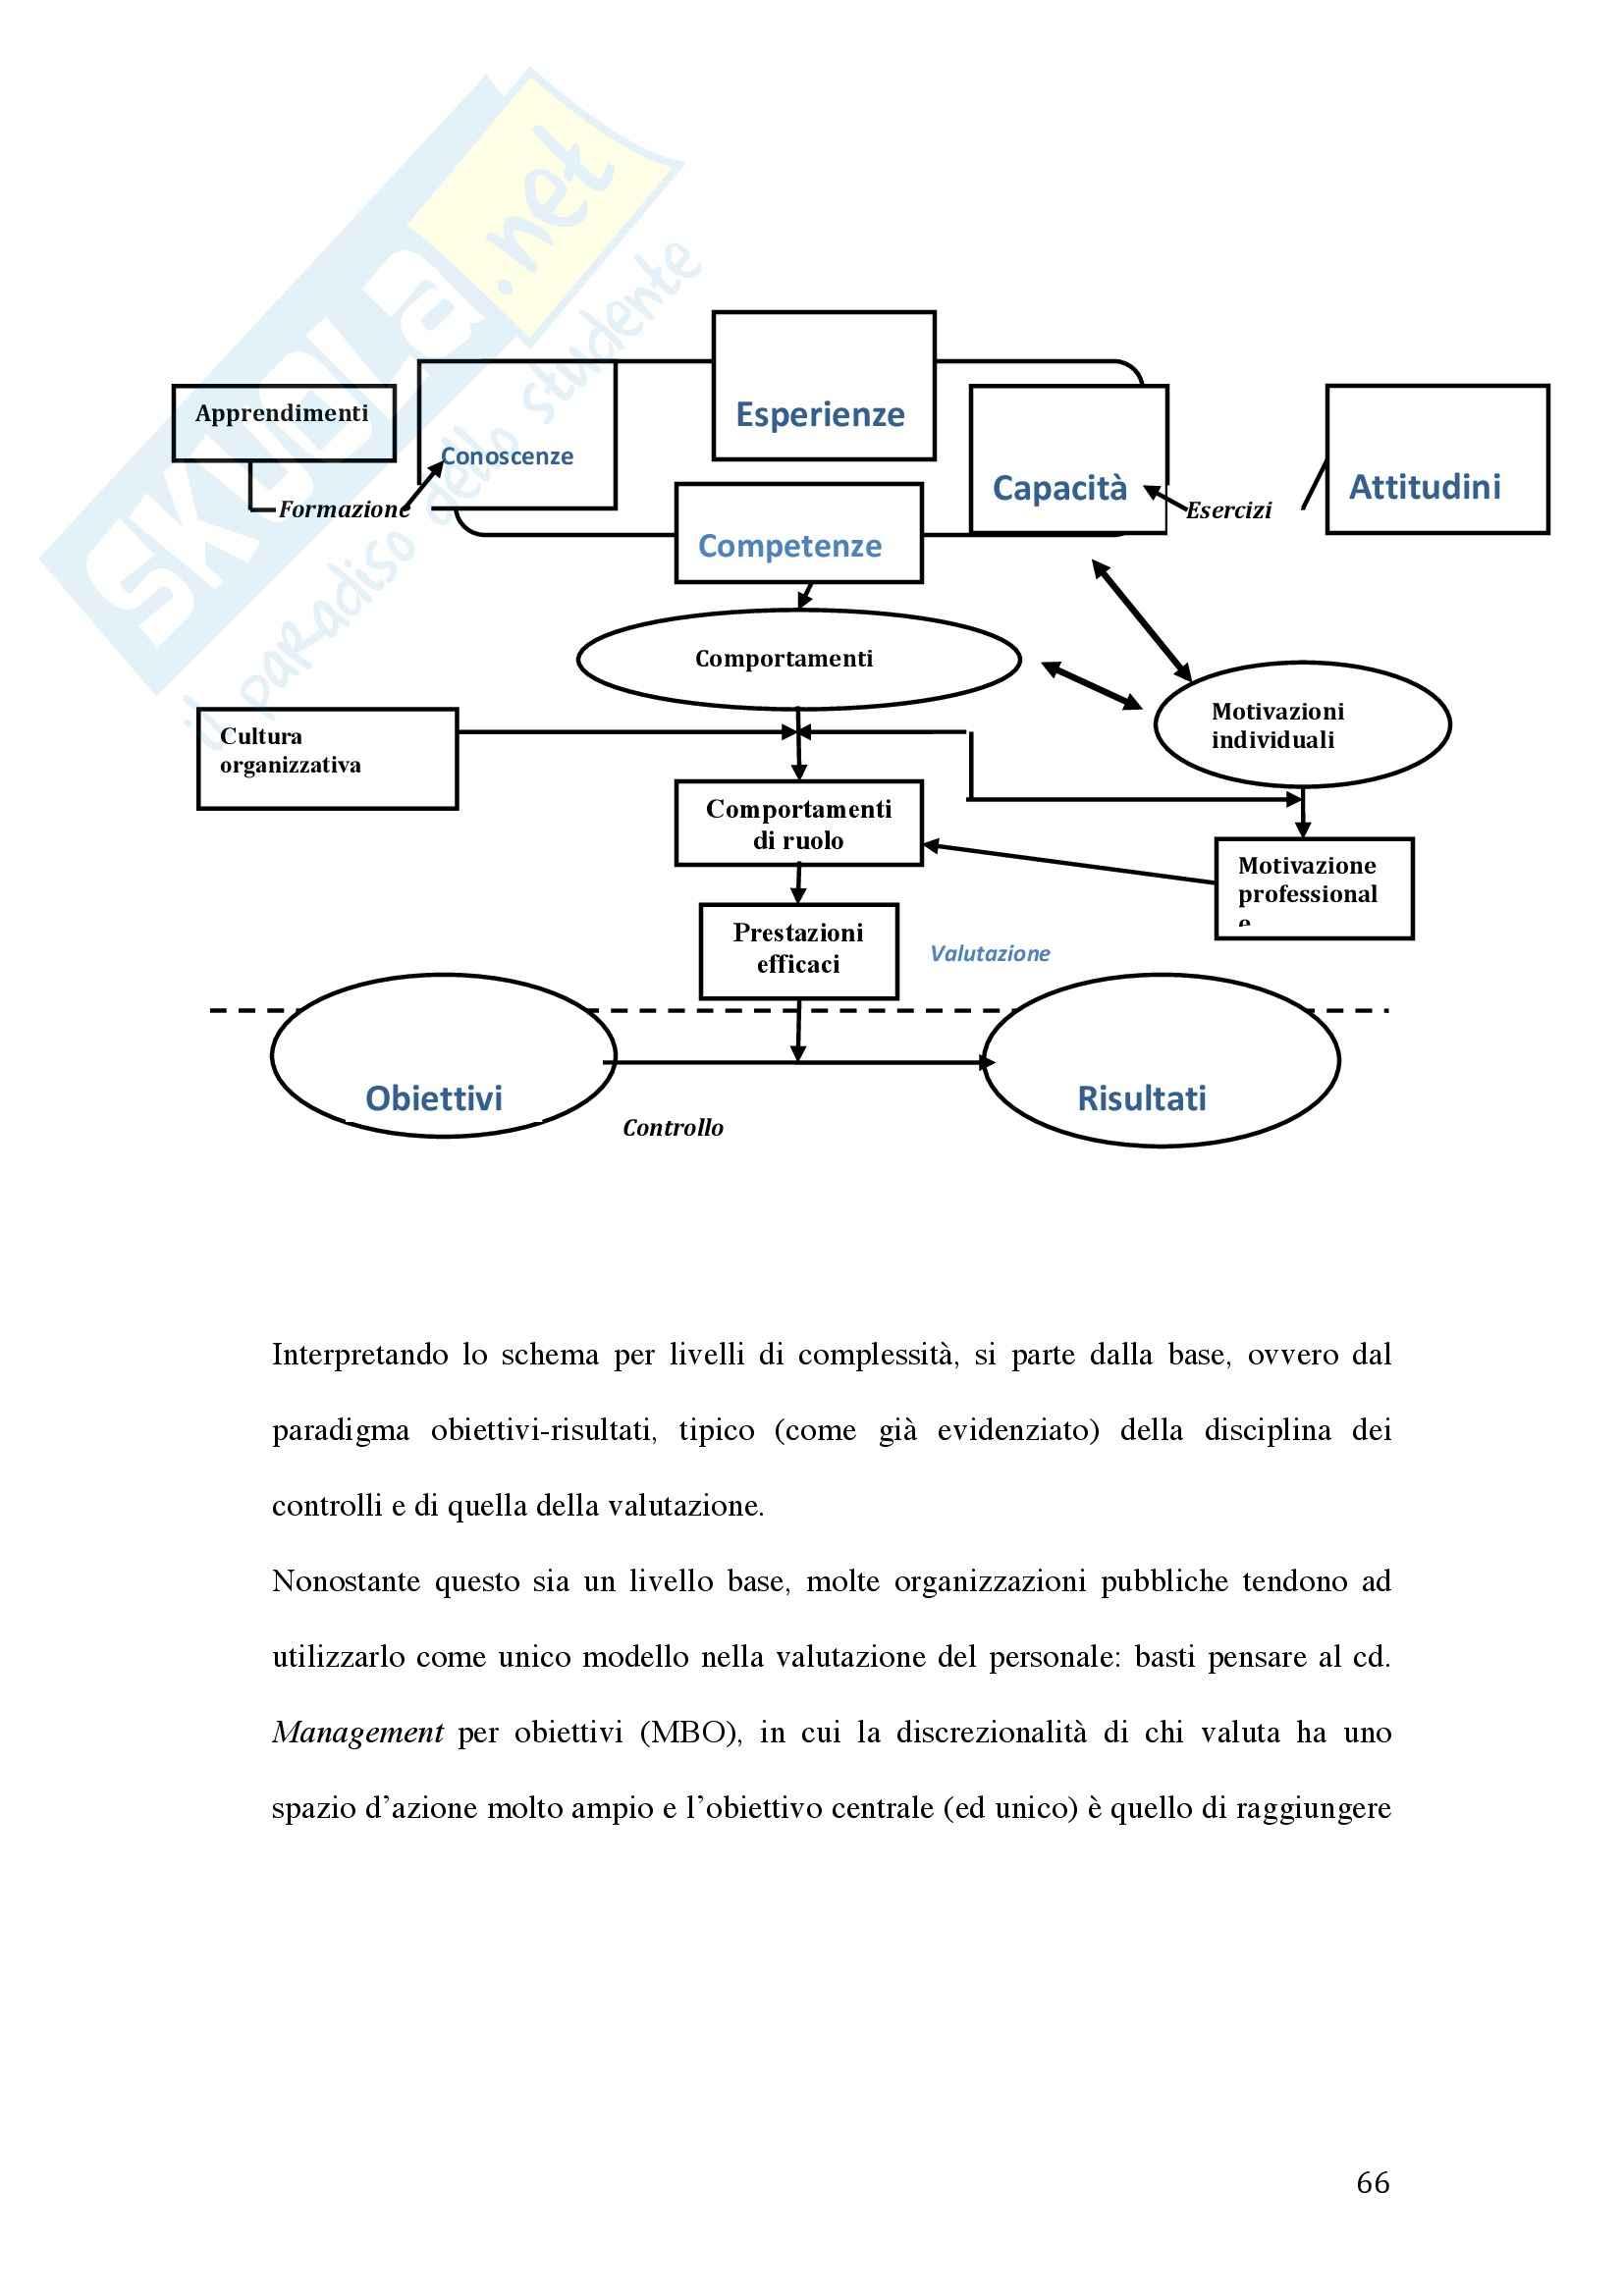 Tesi - La valutazione della dirigenza nelle pubbliche amministrazioni Pag. 66